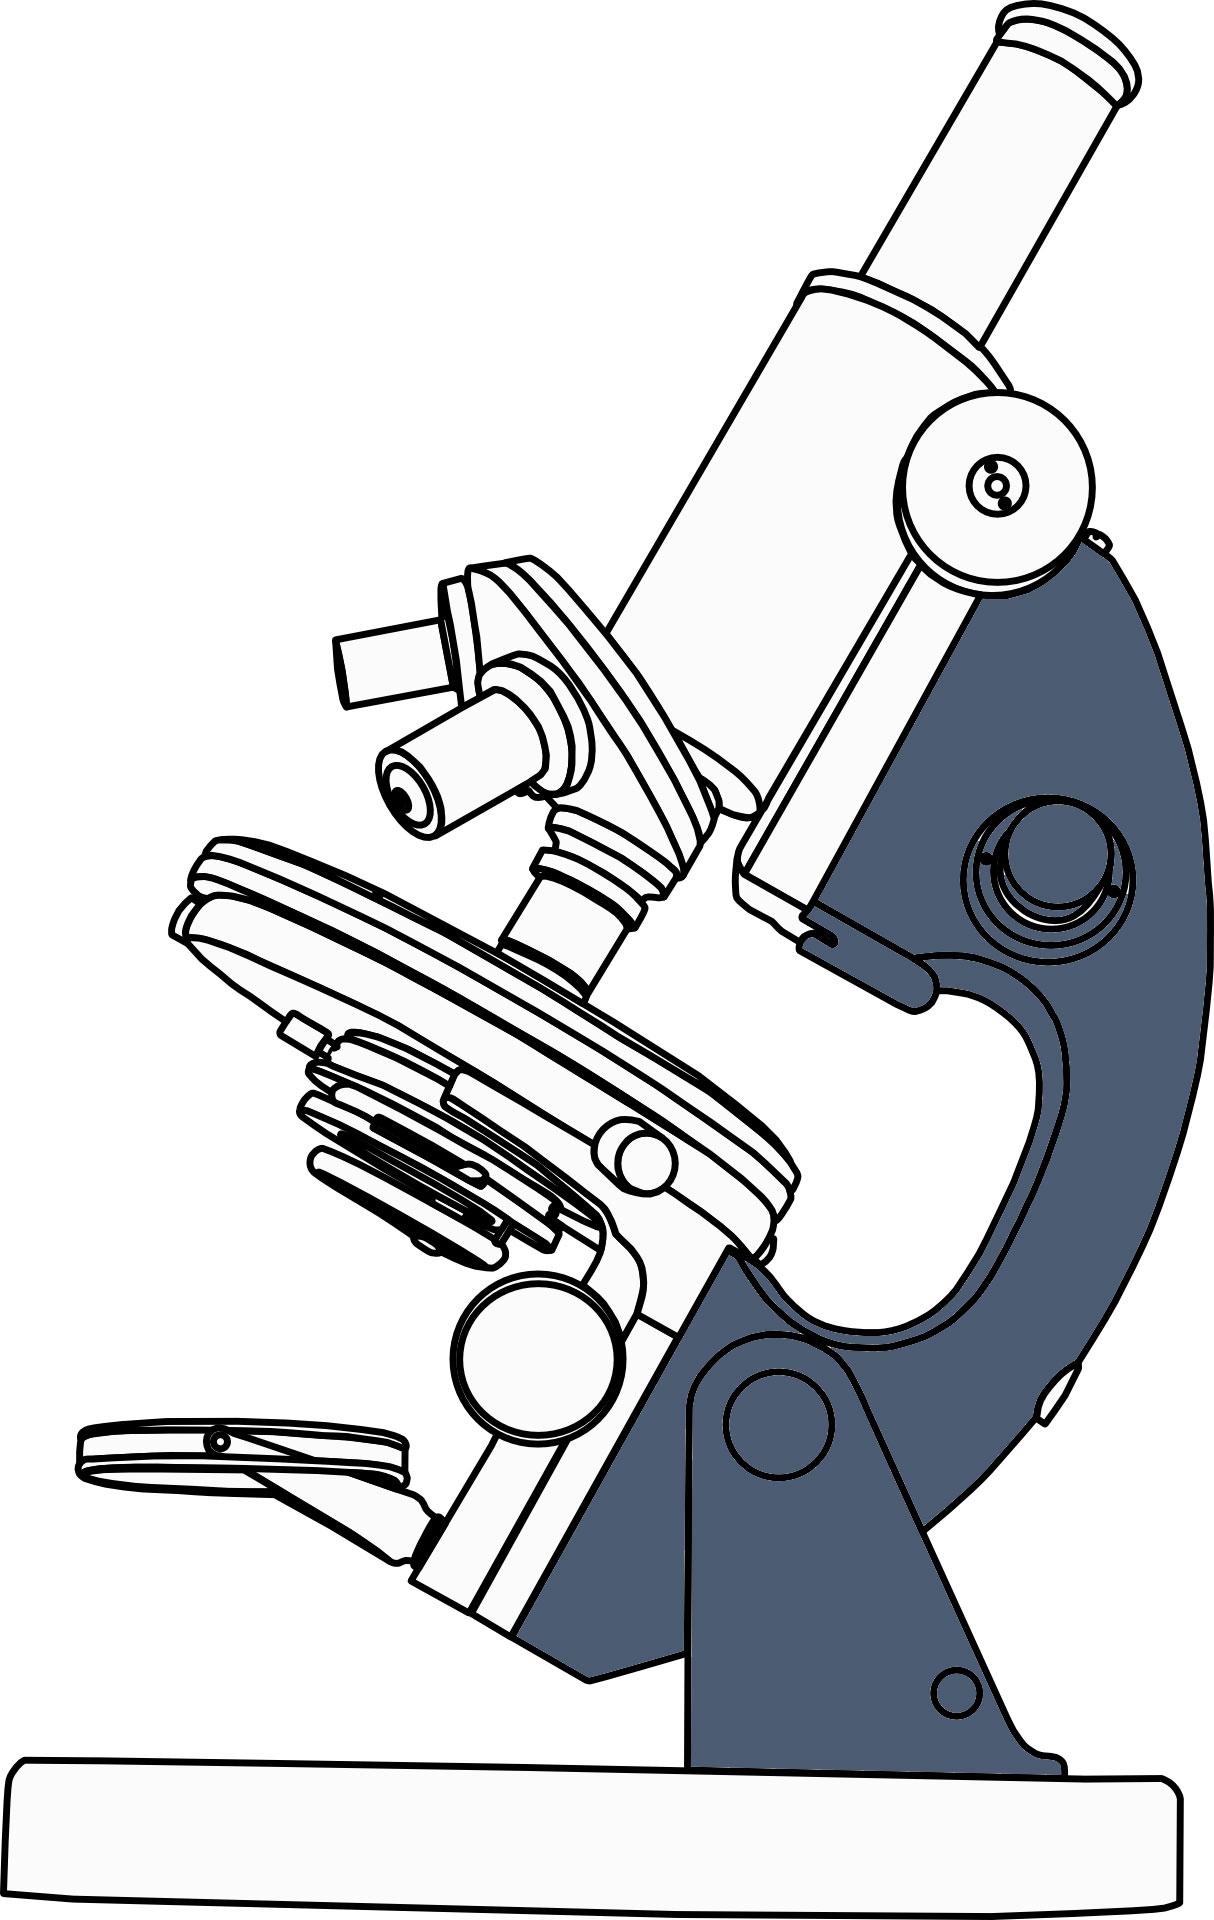 Mikroskop Stativ - Mikroskop vergleichen